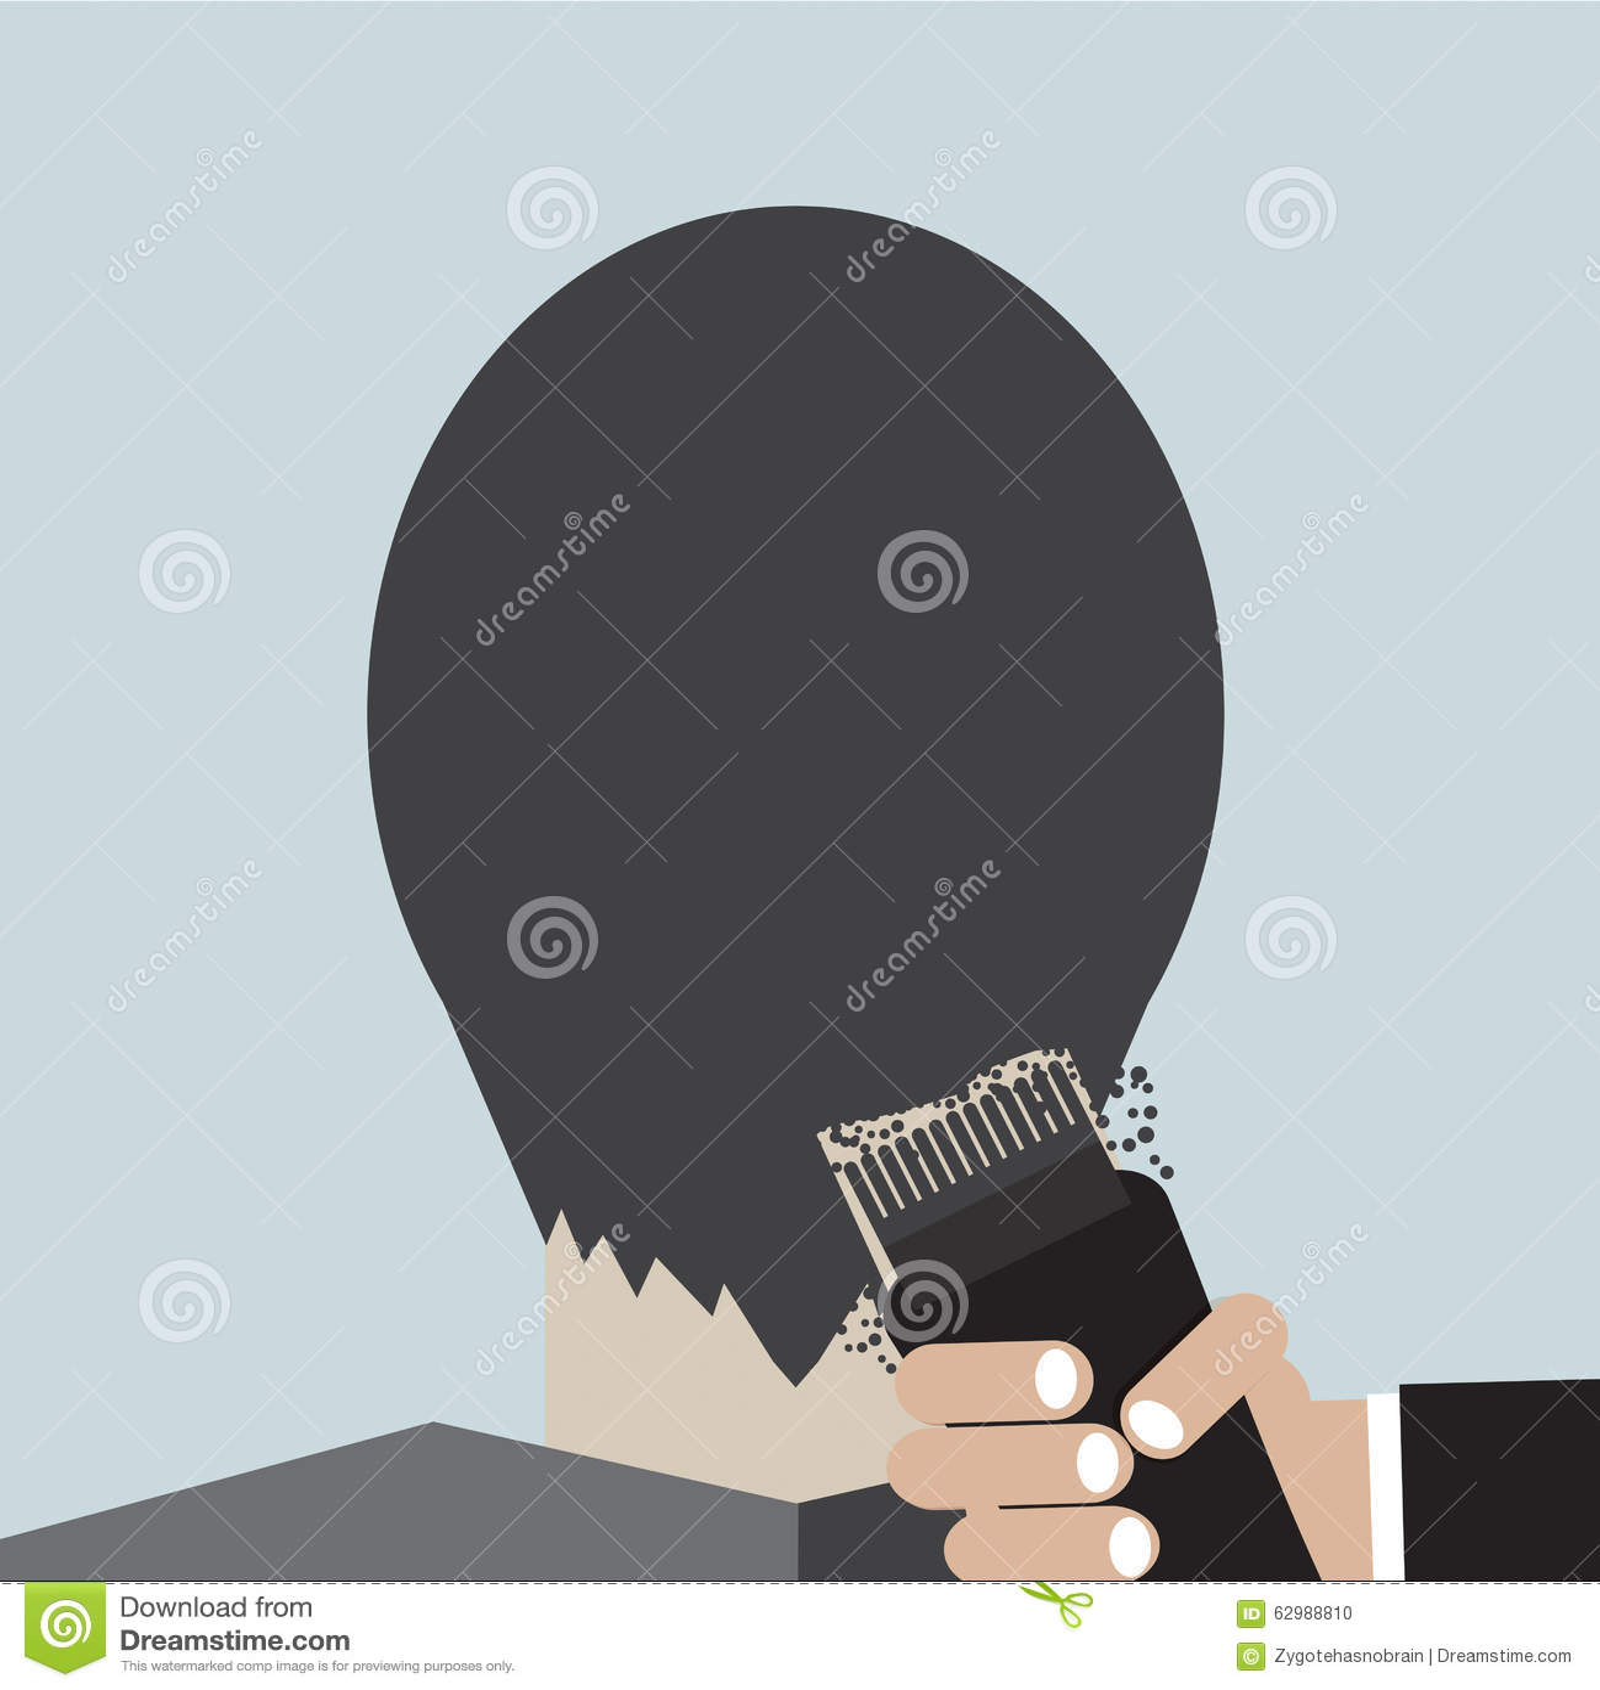 Peluquero Using Hair Clipper